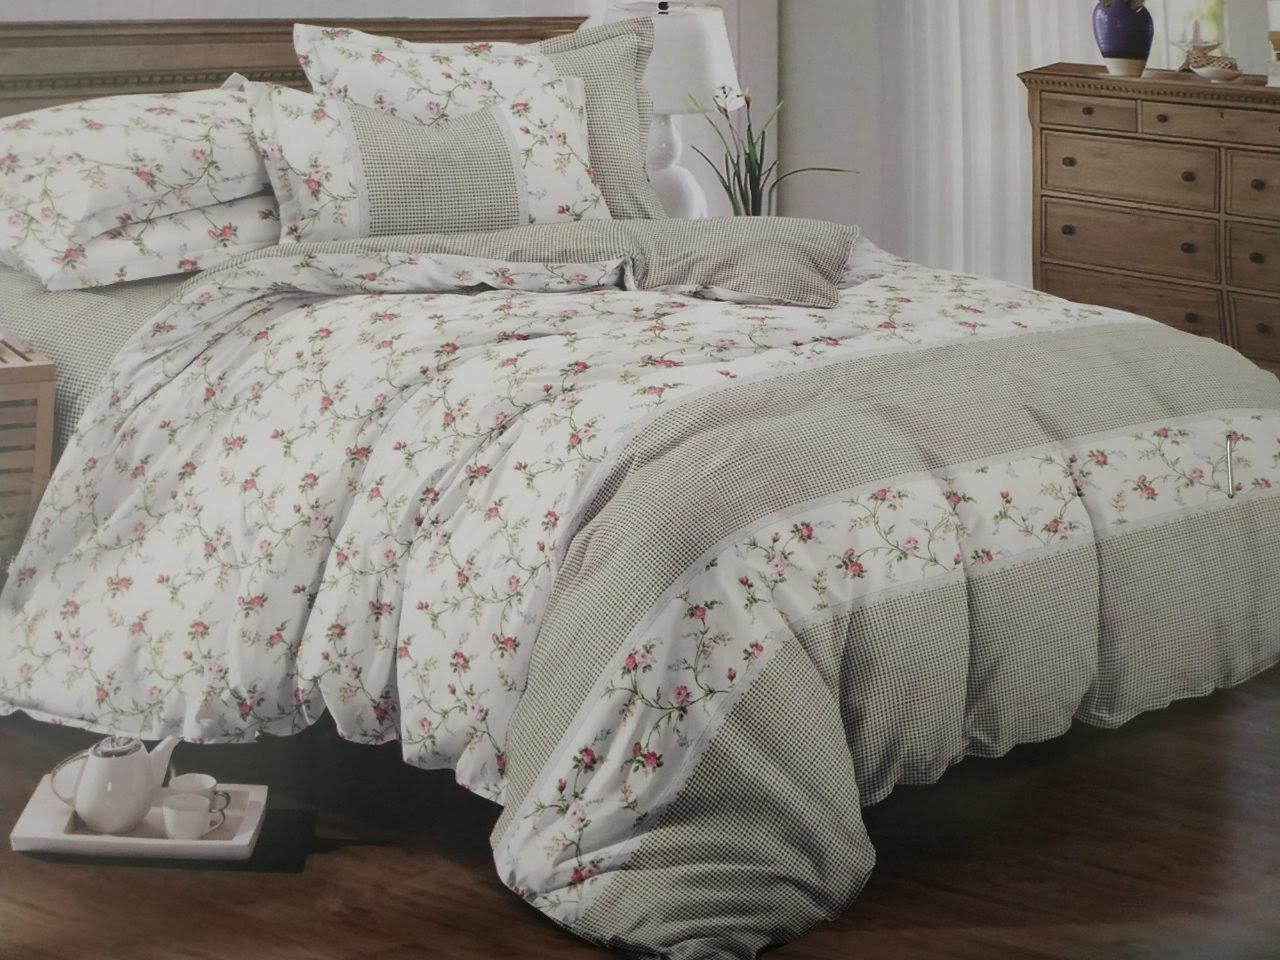 Милое красивое постельное белье евро размер, Мелкие цветочки. Бязь Gold